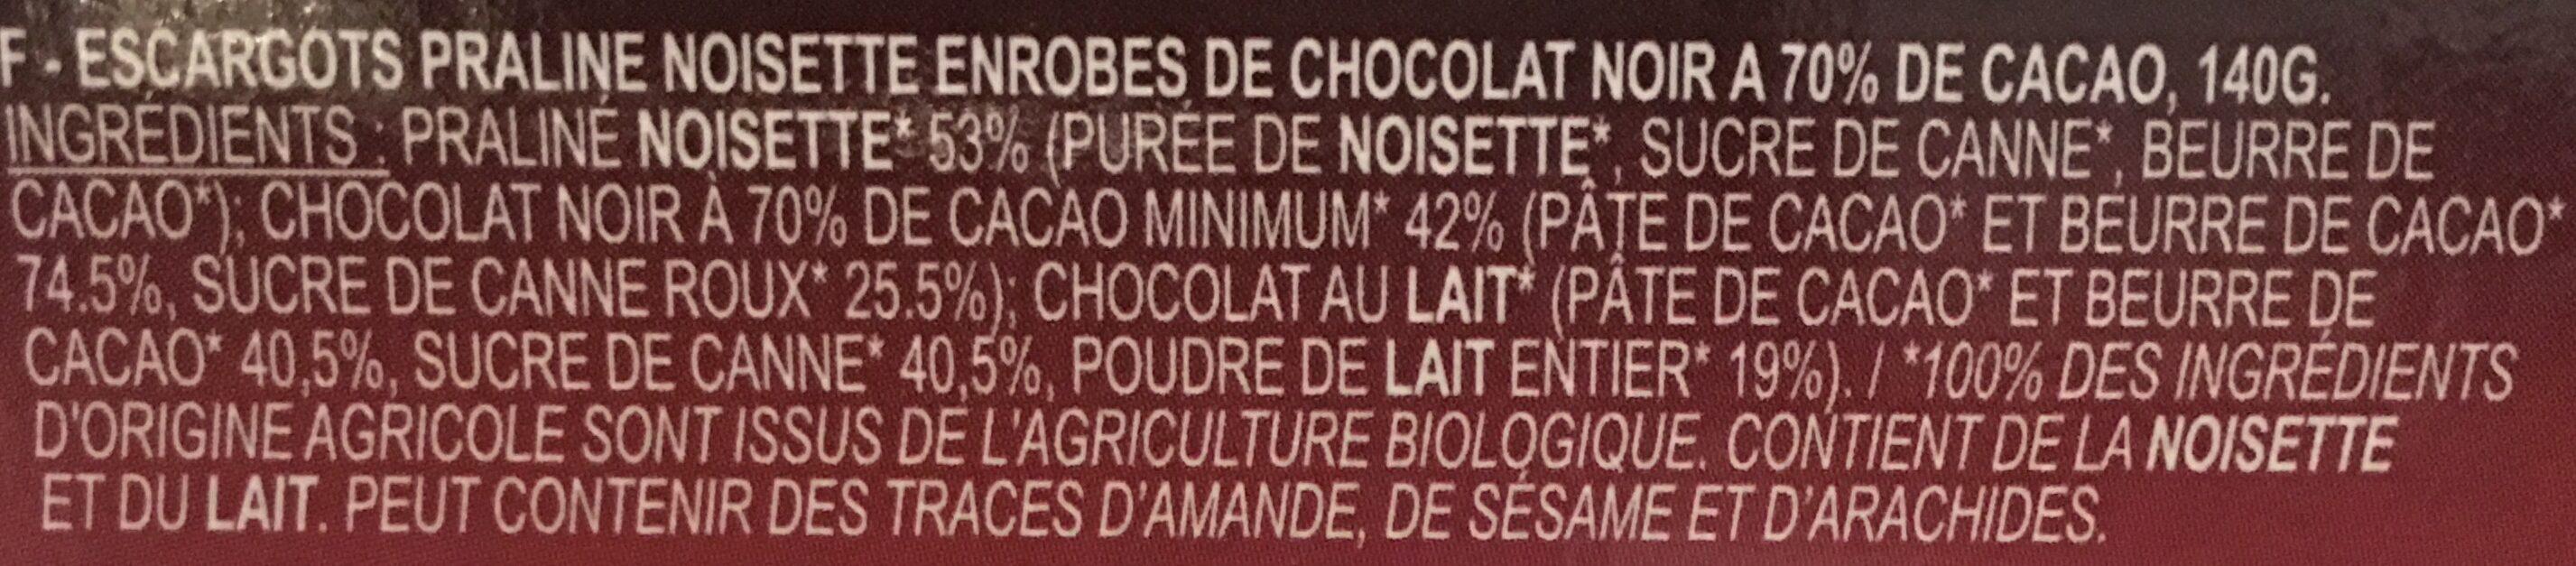 Ballotin Escargot Choc Noir - Ingrédients - fr